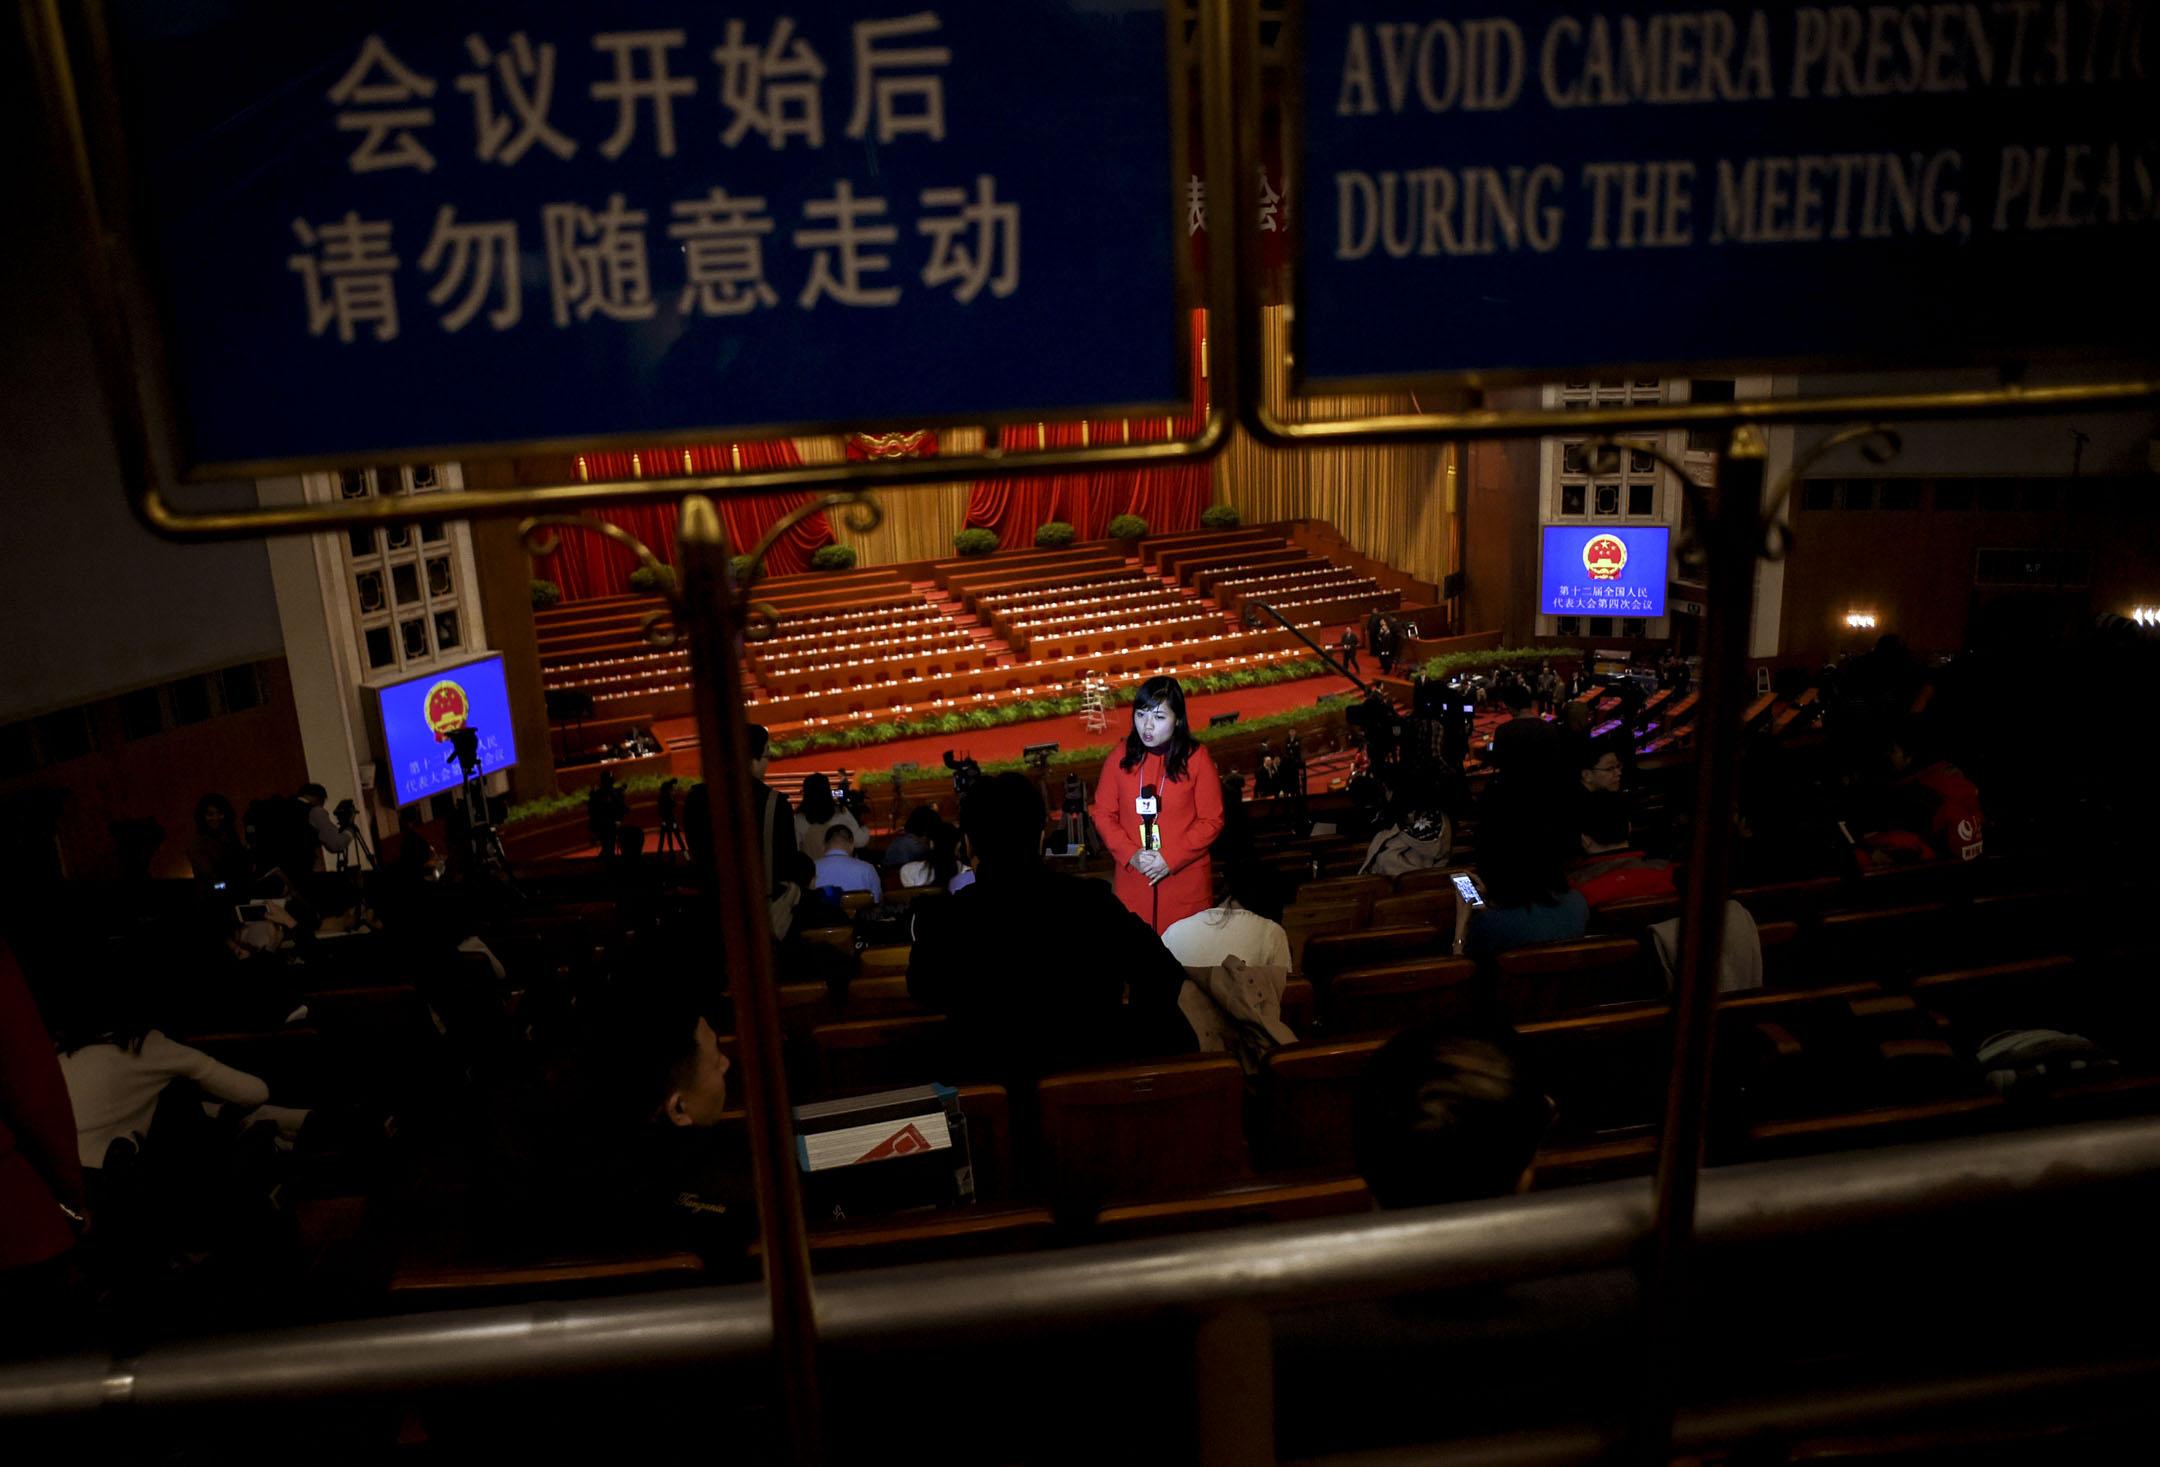 2018年,在非政府組織「無國界記者」(RSF)公布的全球新聞自由指數中,總共180個受調查的國家和地區裏,中國大陸繼續位列榜單第176名,保持全球倒數第五。